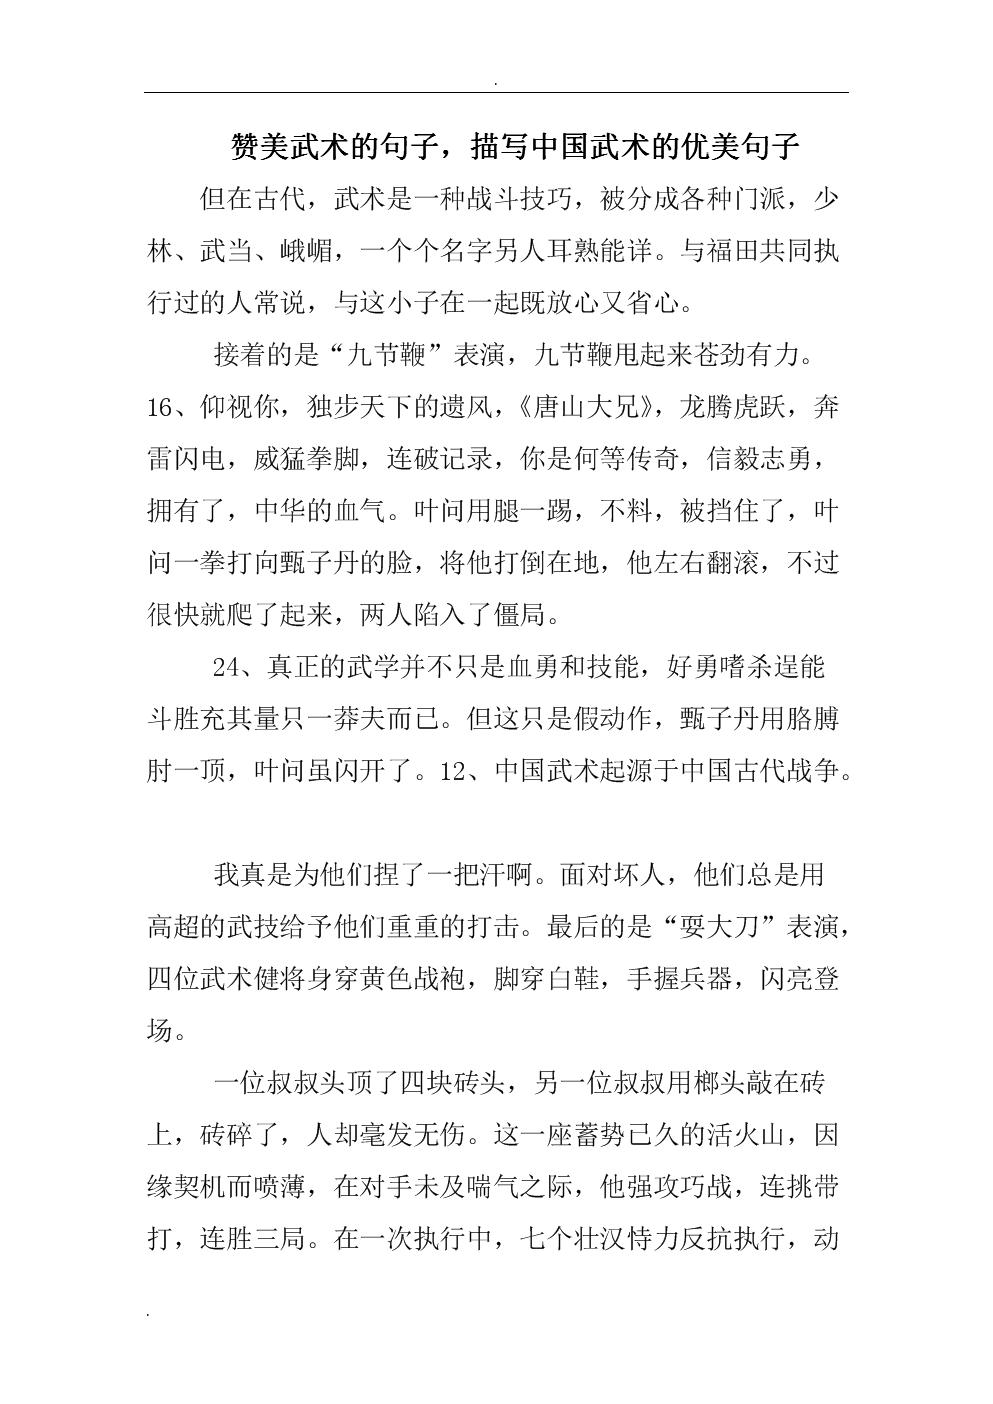 赞美武术的句子,描写中国武术的优美句子.doc